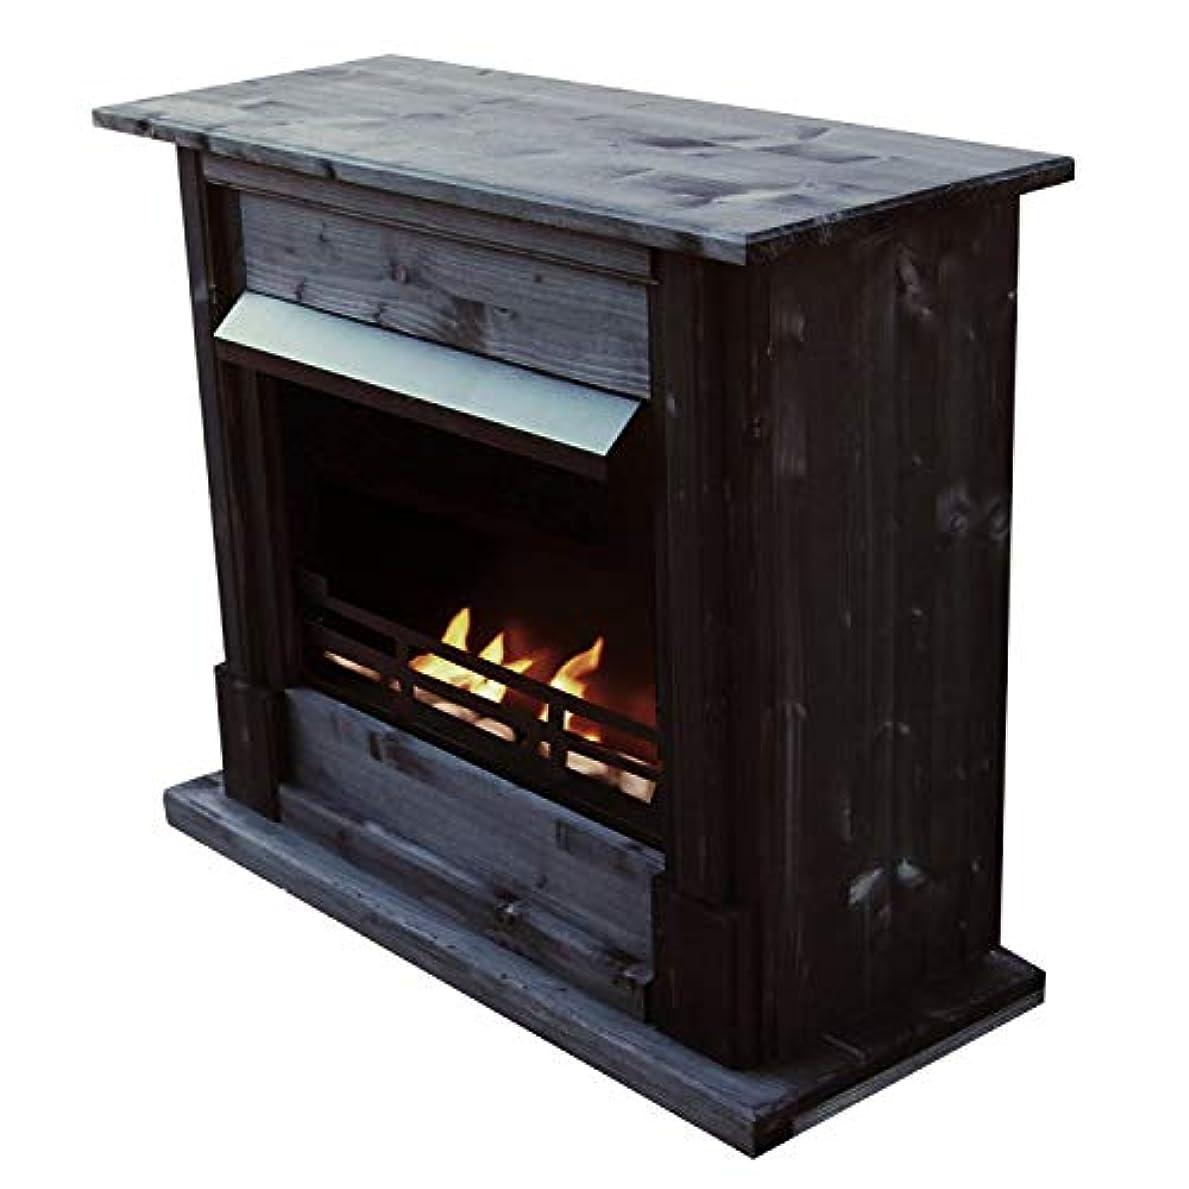 ミリメーターひまわり自動車ジェル+ ethanol fire-places Emilyデラックスinclusive : 1調節可能なstainless-steel Burner ブラック 10080